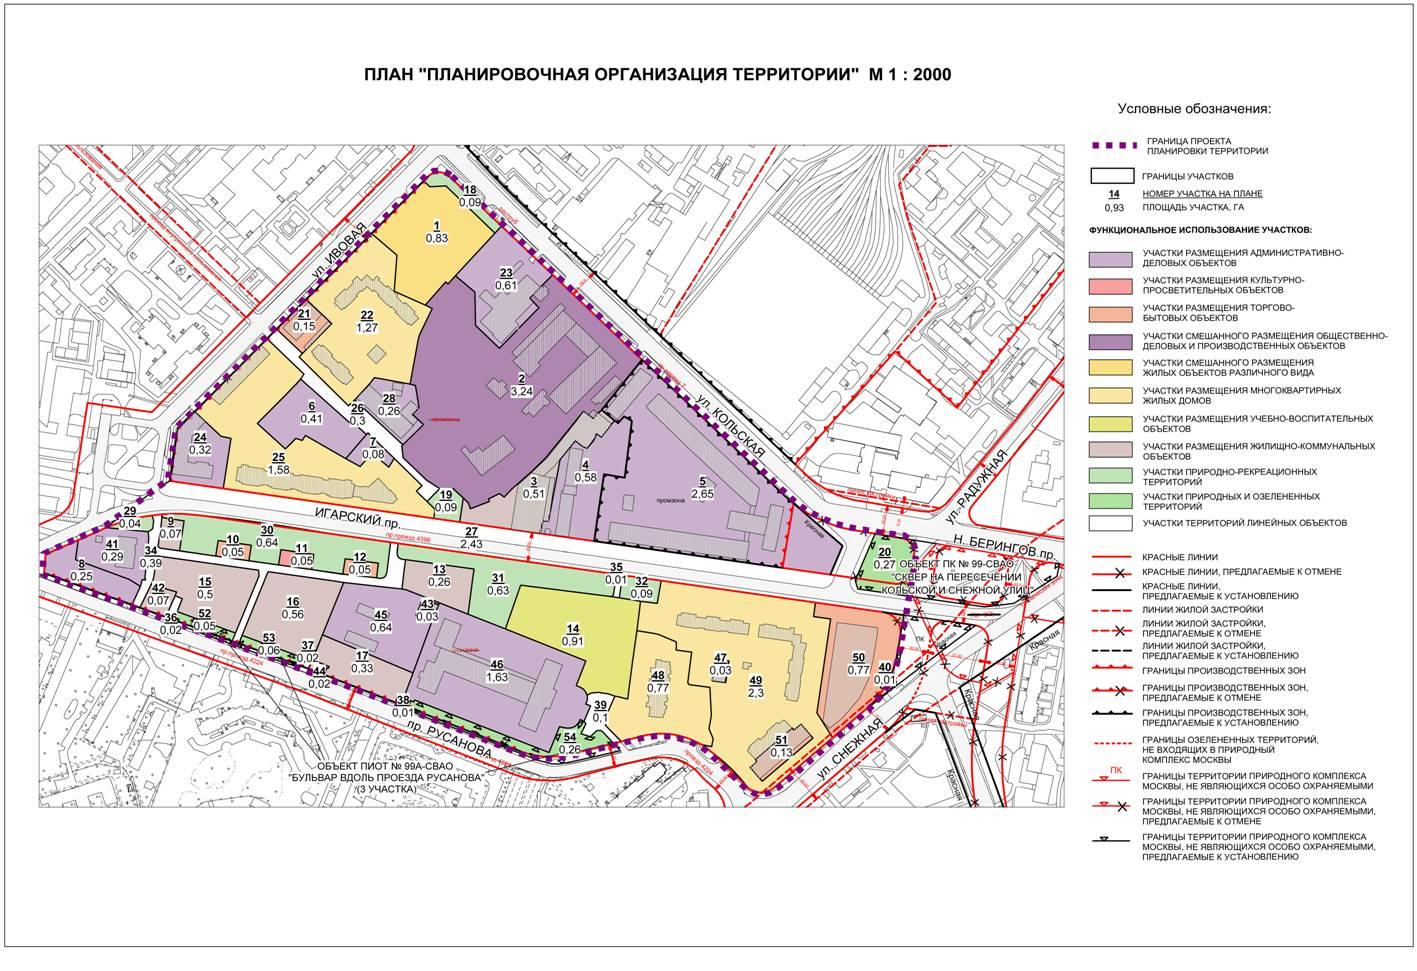 Кольский район схема территориального планирования